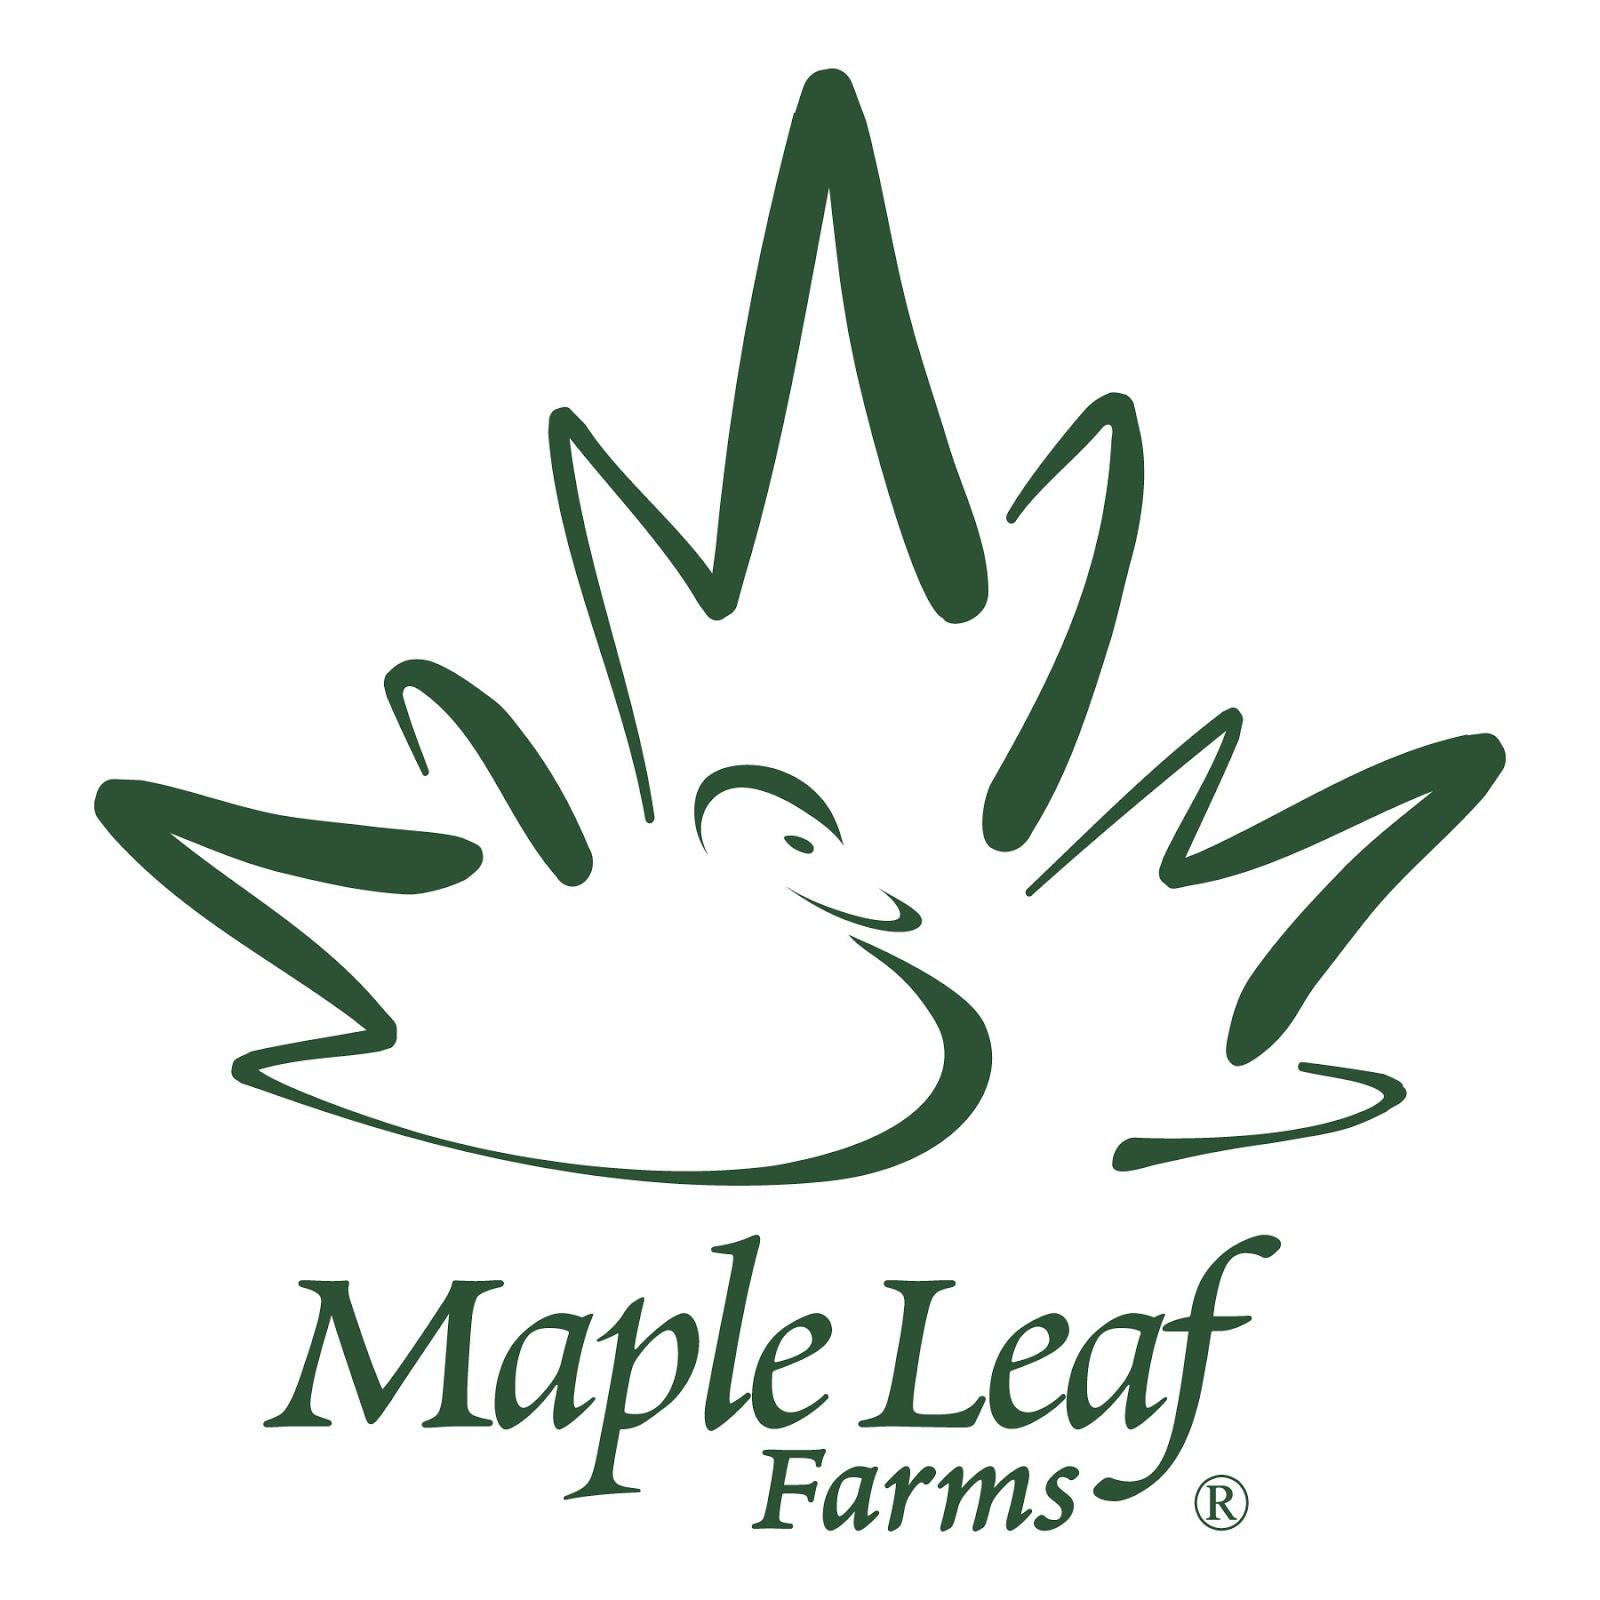 Maple Leaf Farms Logo From Maple Leaf Farms Duck